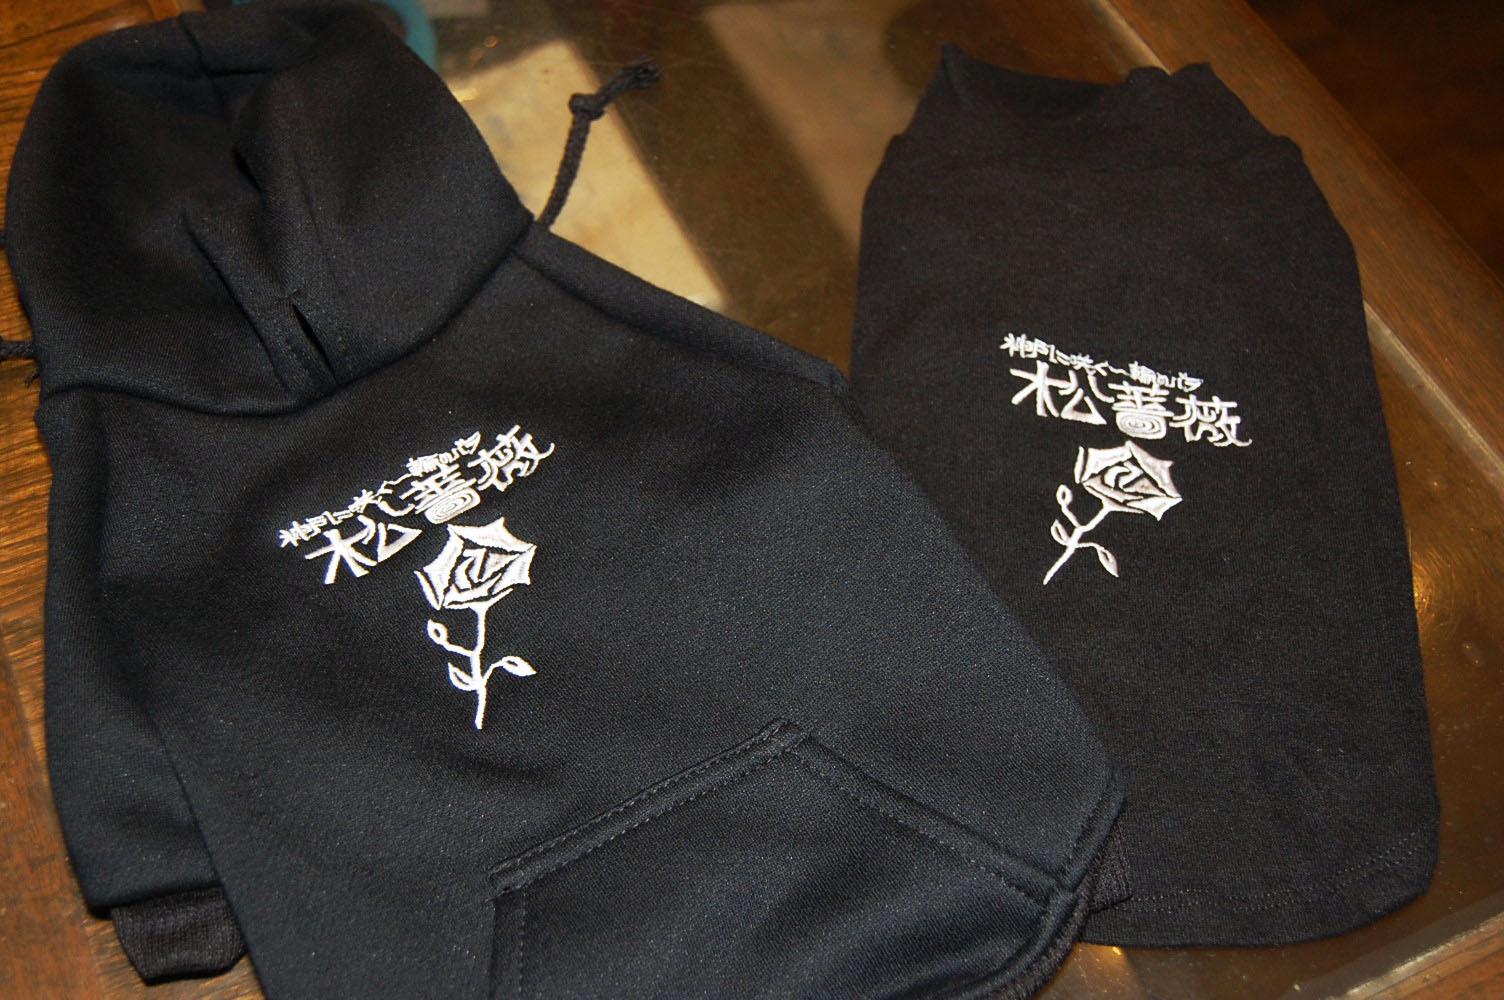 持ち込みのペットの服にオリジナル刺繍を入れました!_e0260759_10562815.jpg